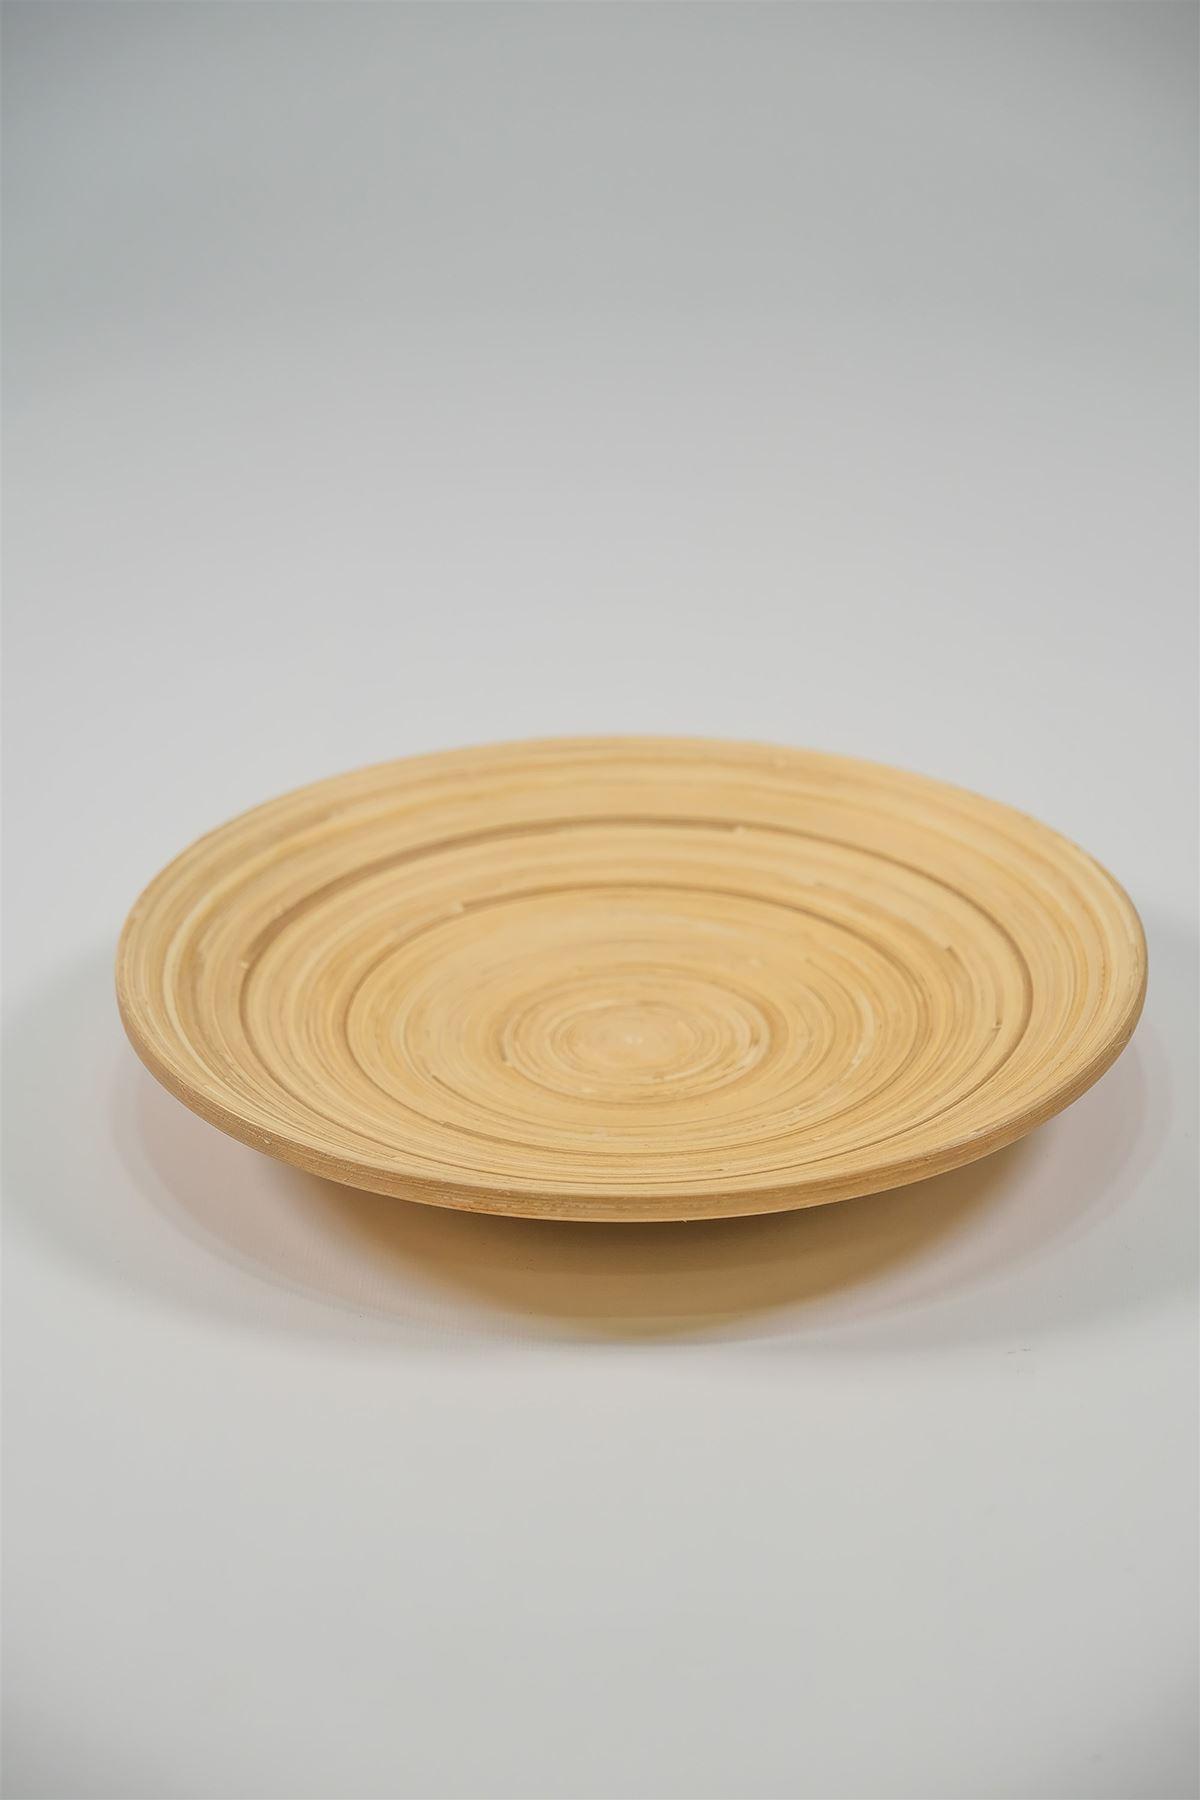 Bambu Yuvarlak Tabak 01 - 4962.1343.